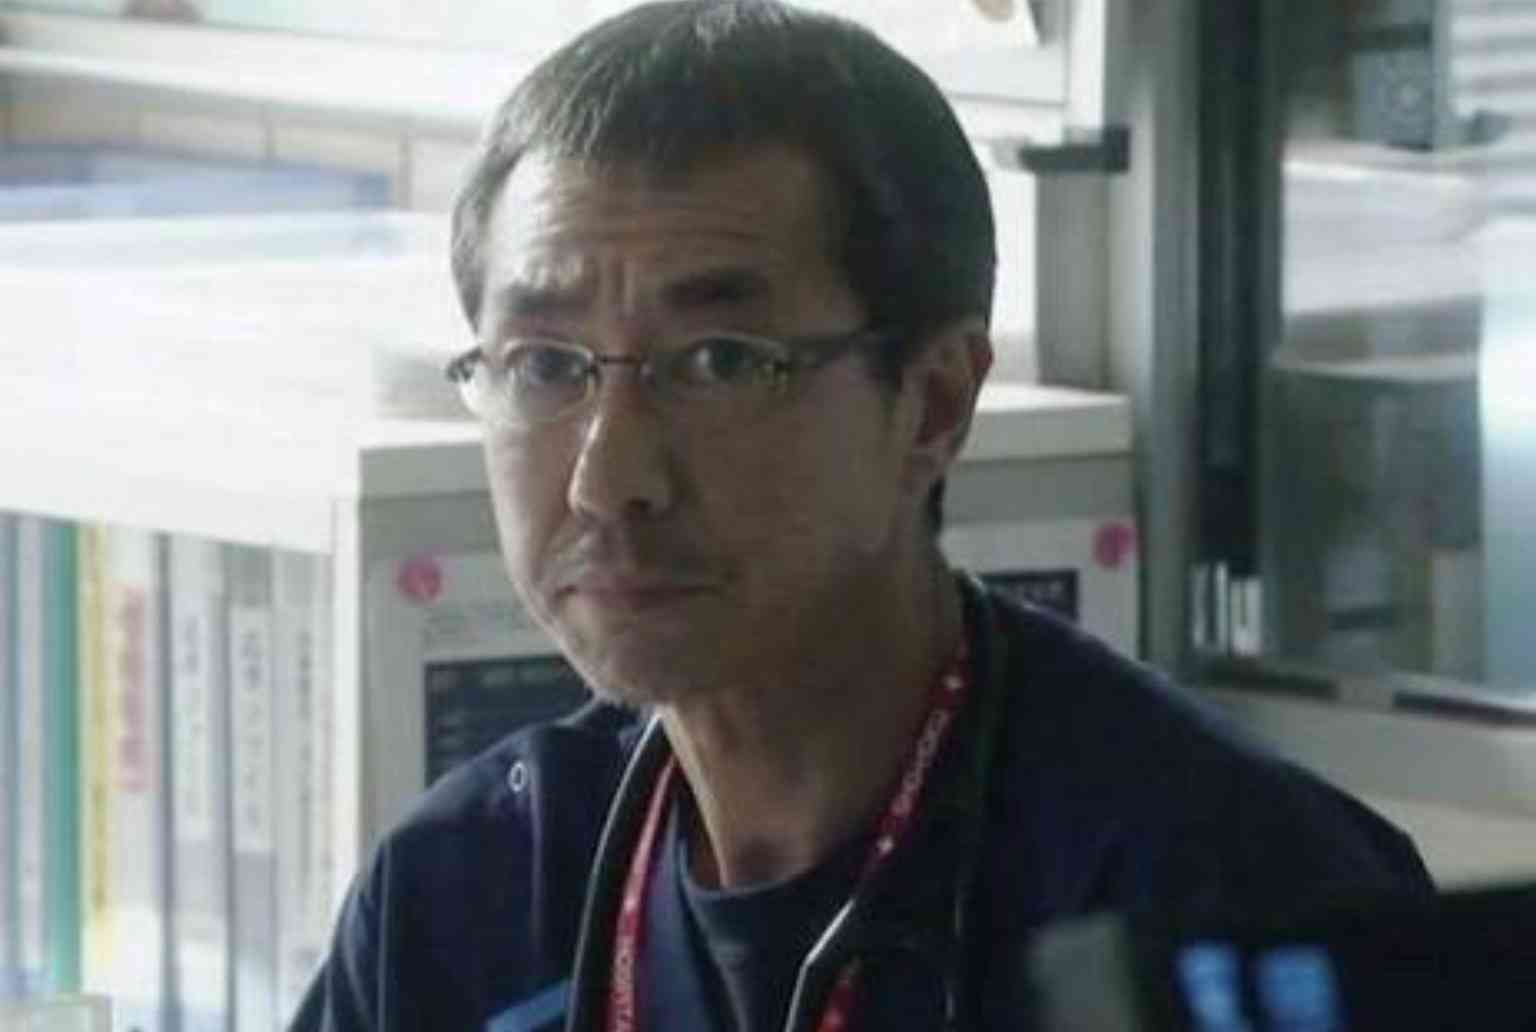 コードブルー 黒田先生役の柳葉敏郎はどうなった? | 話題をピックアップするクイーンブログ